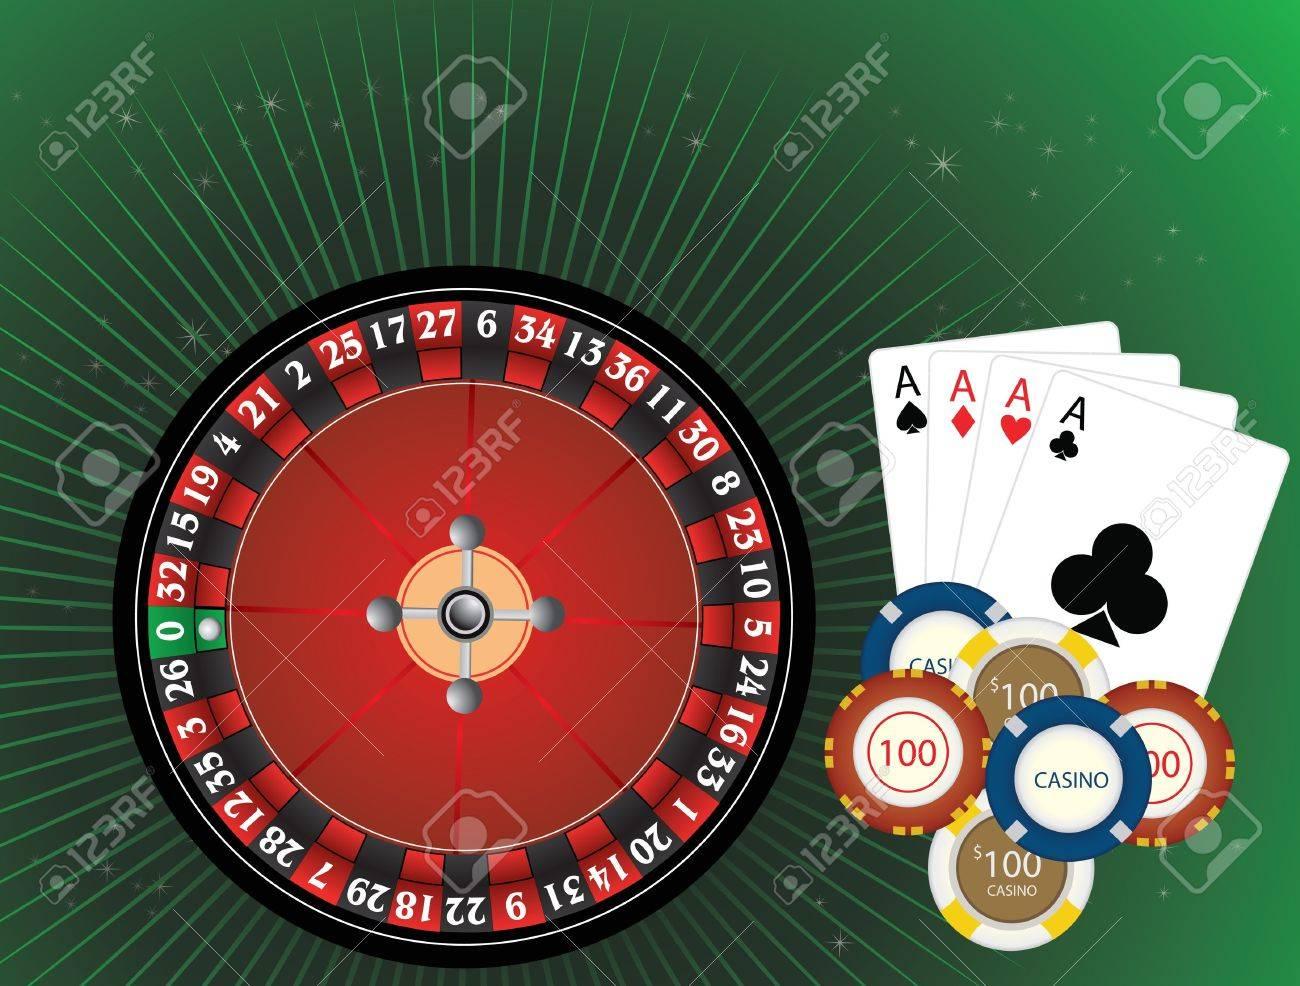 Ace club casino removal empire state casino